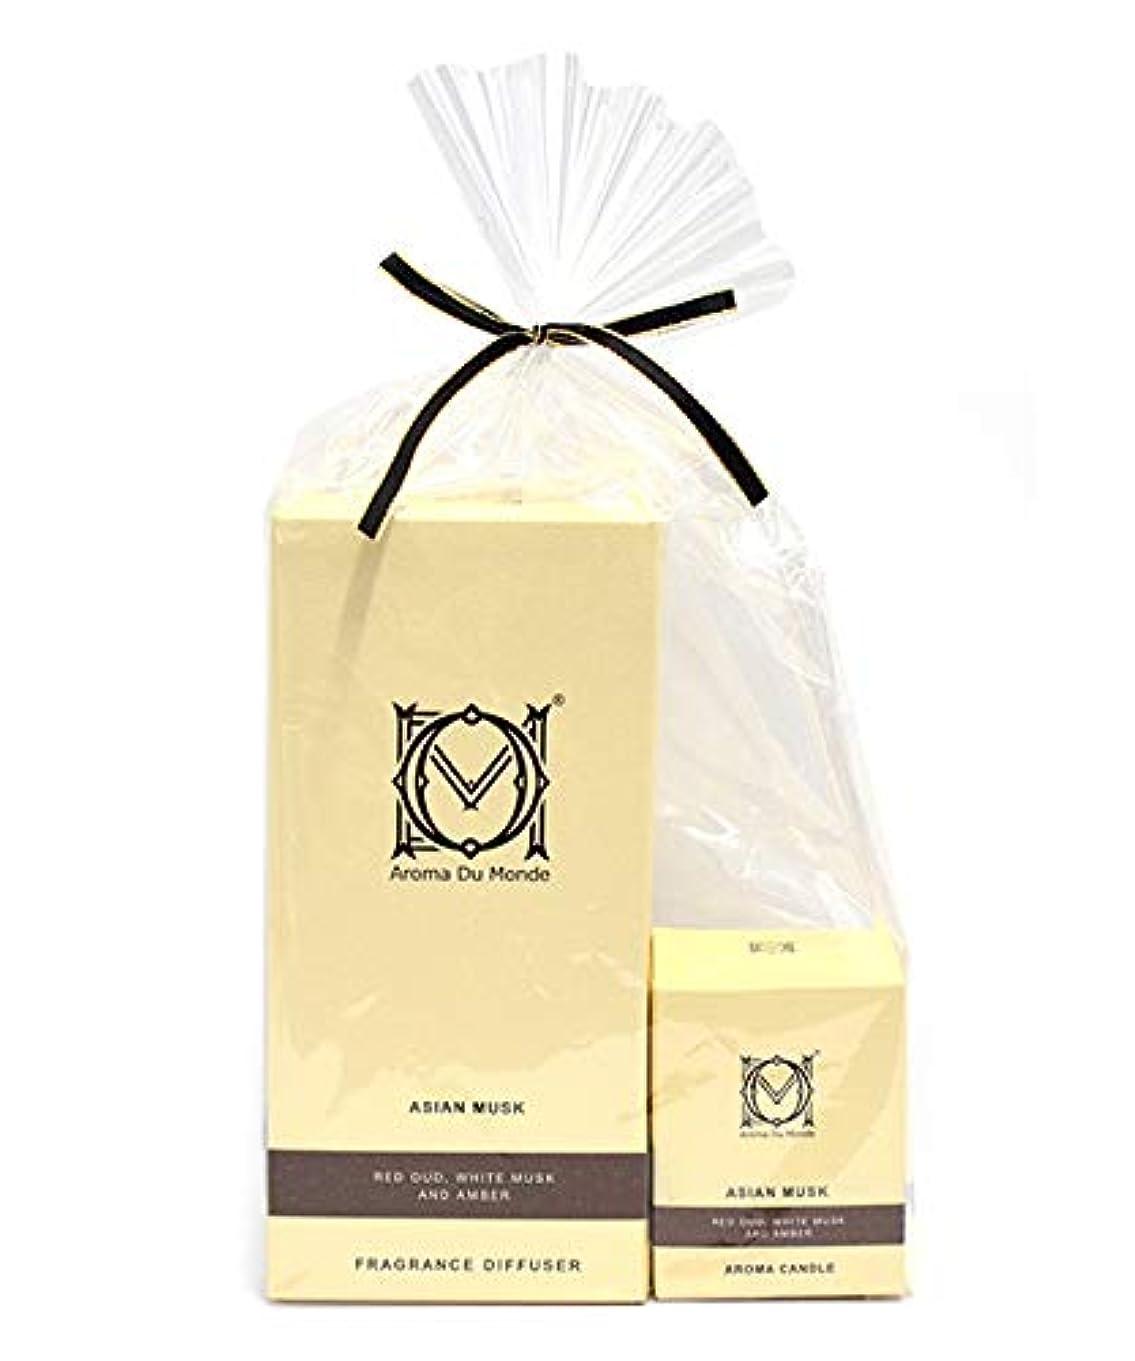 バクテリアに同意する異形フレグランスディフューザー&キャンドル アジアンムスク セット Aroma Du Monde/ADM Fragrance Diffuser & Candle Asian Musk Set 81157